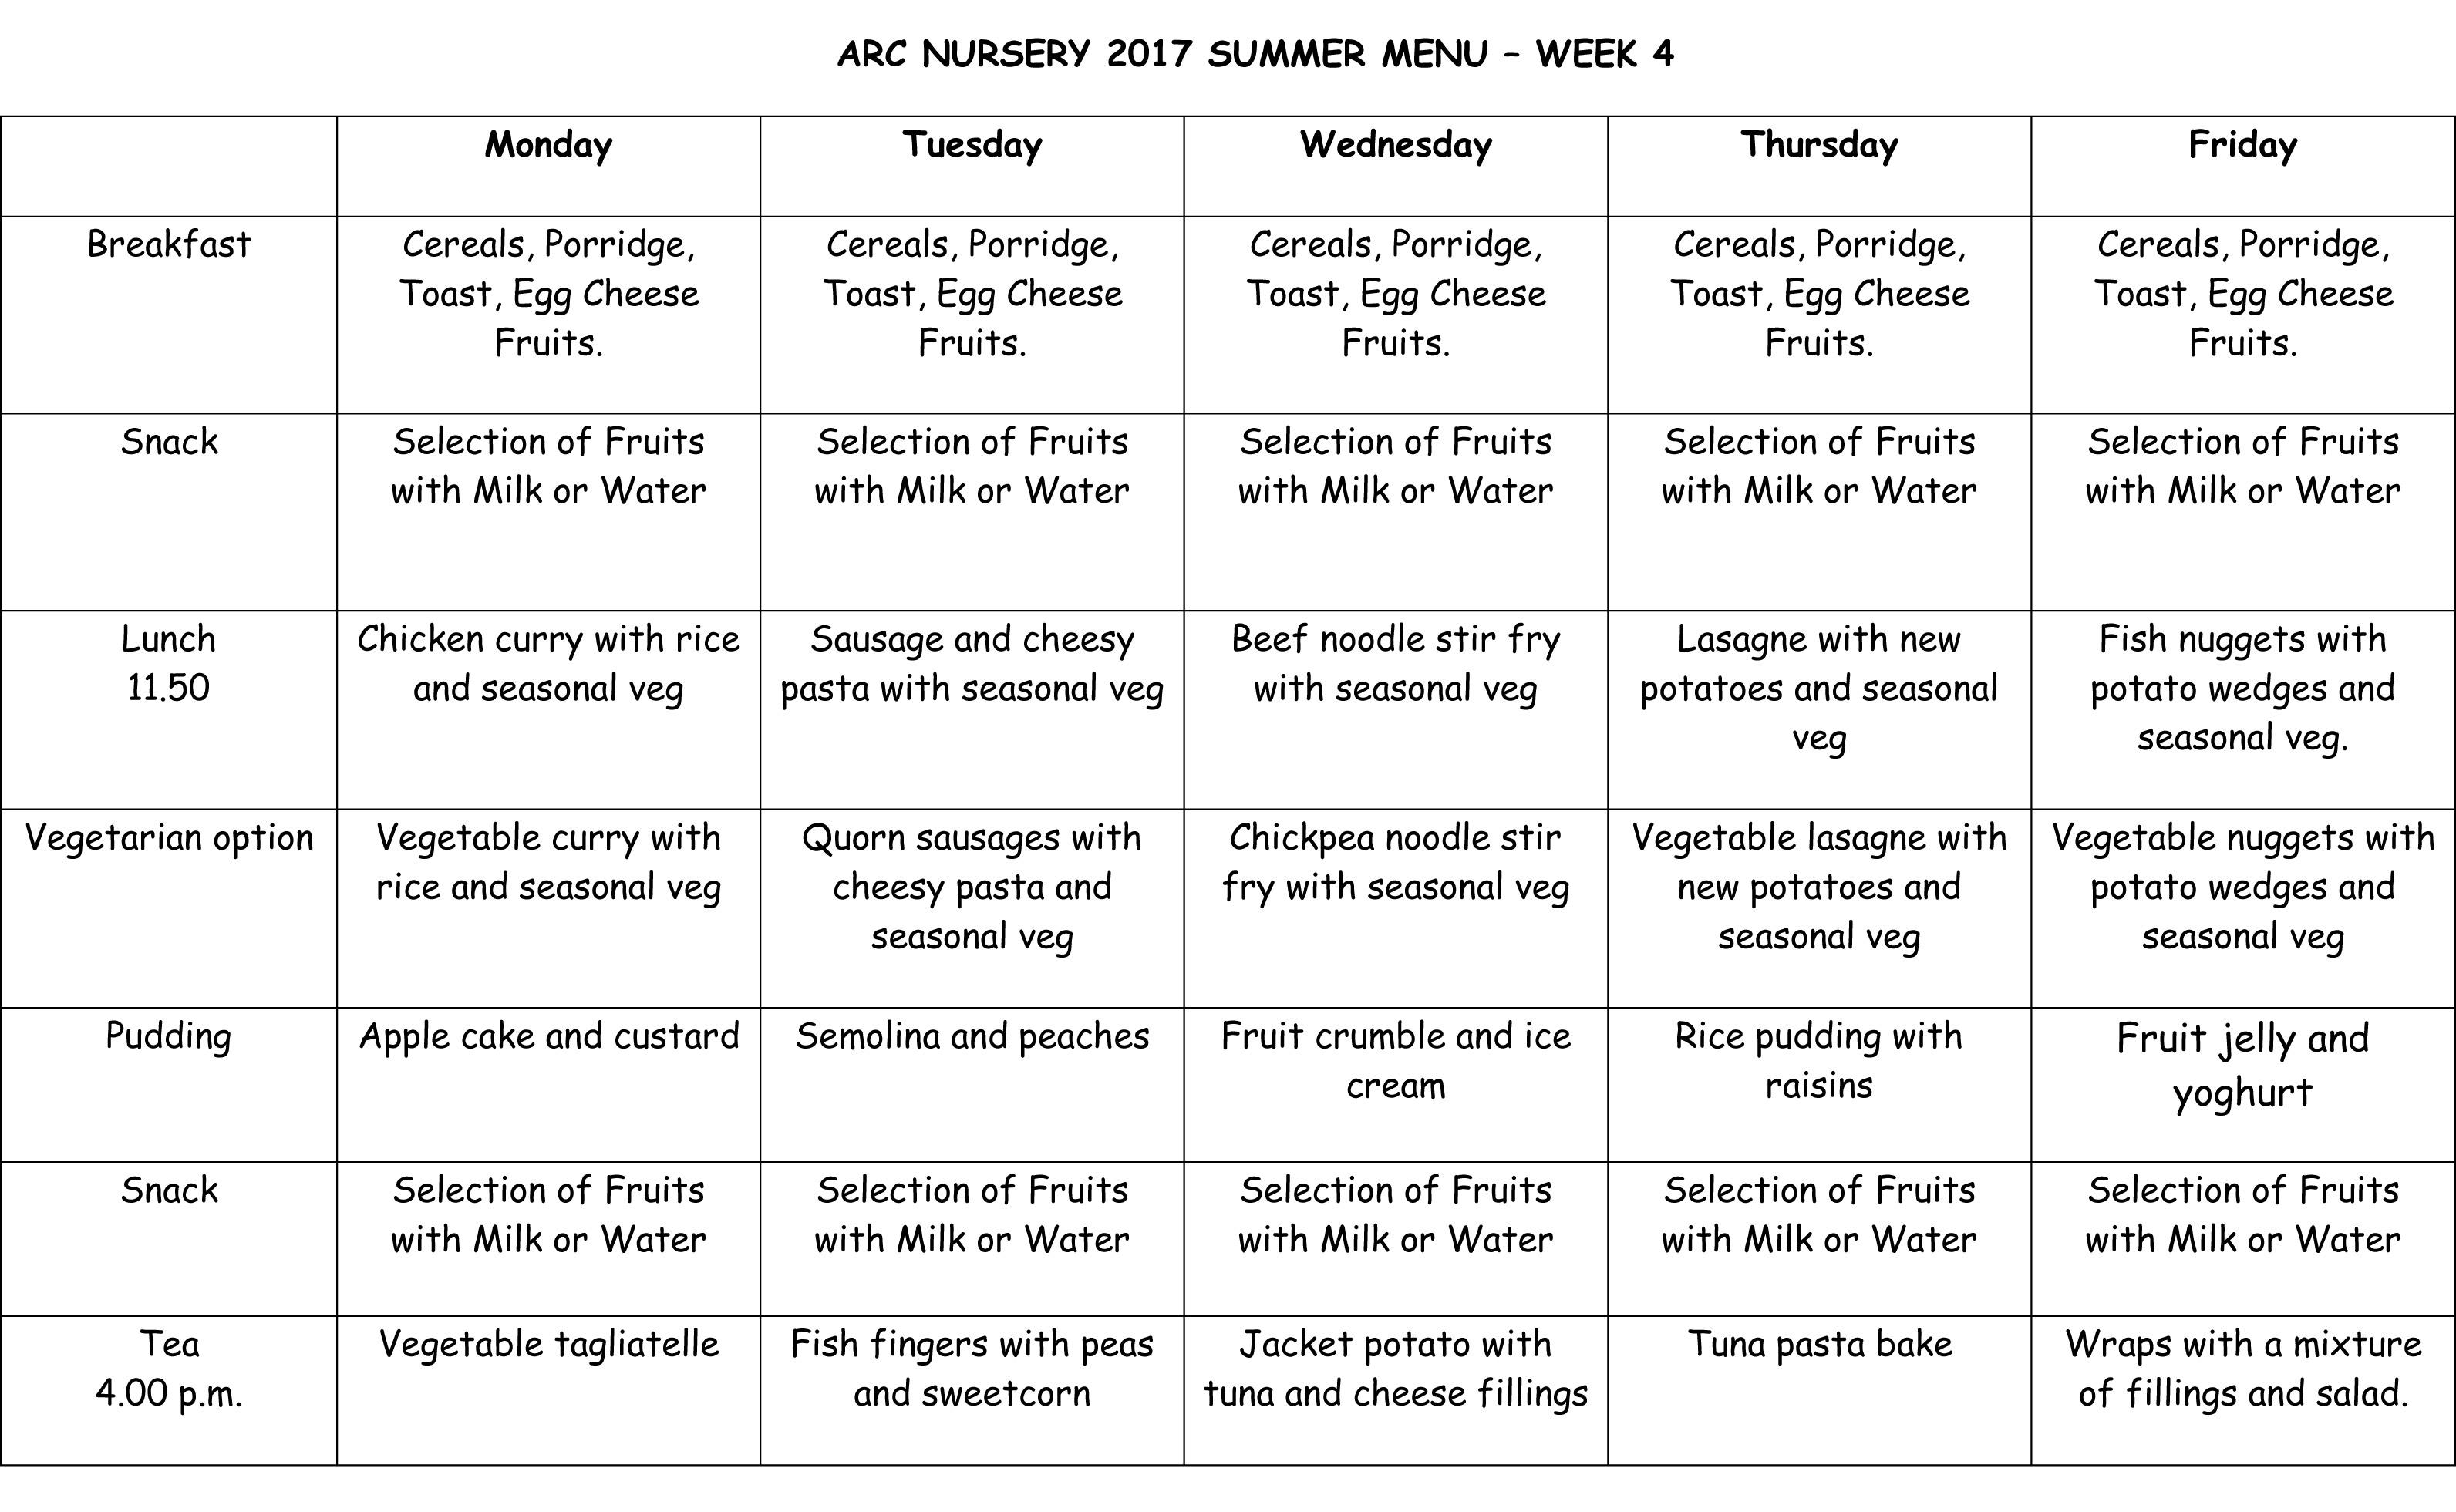 Arc Nursery 2017 Summer Menu - Week 4